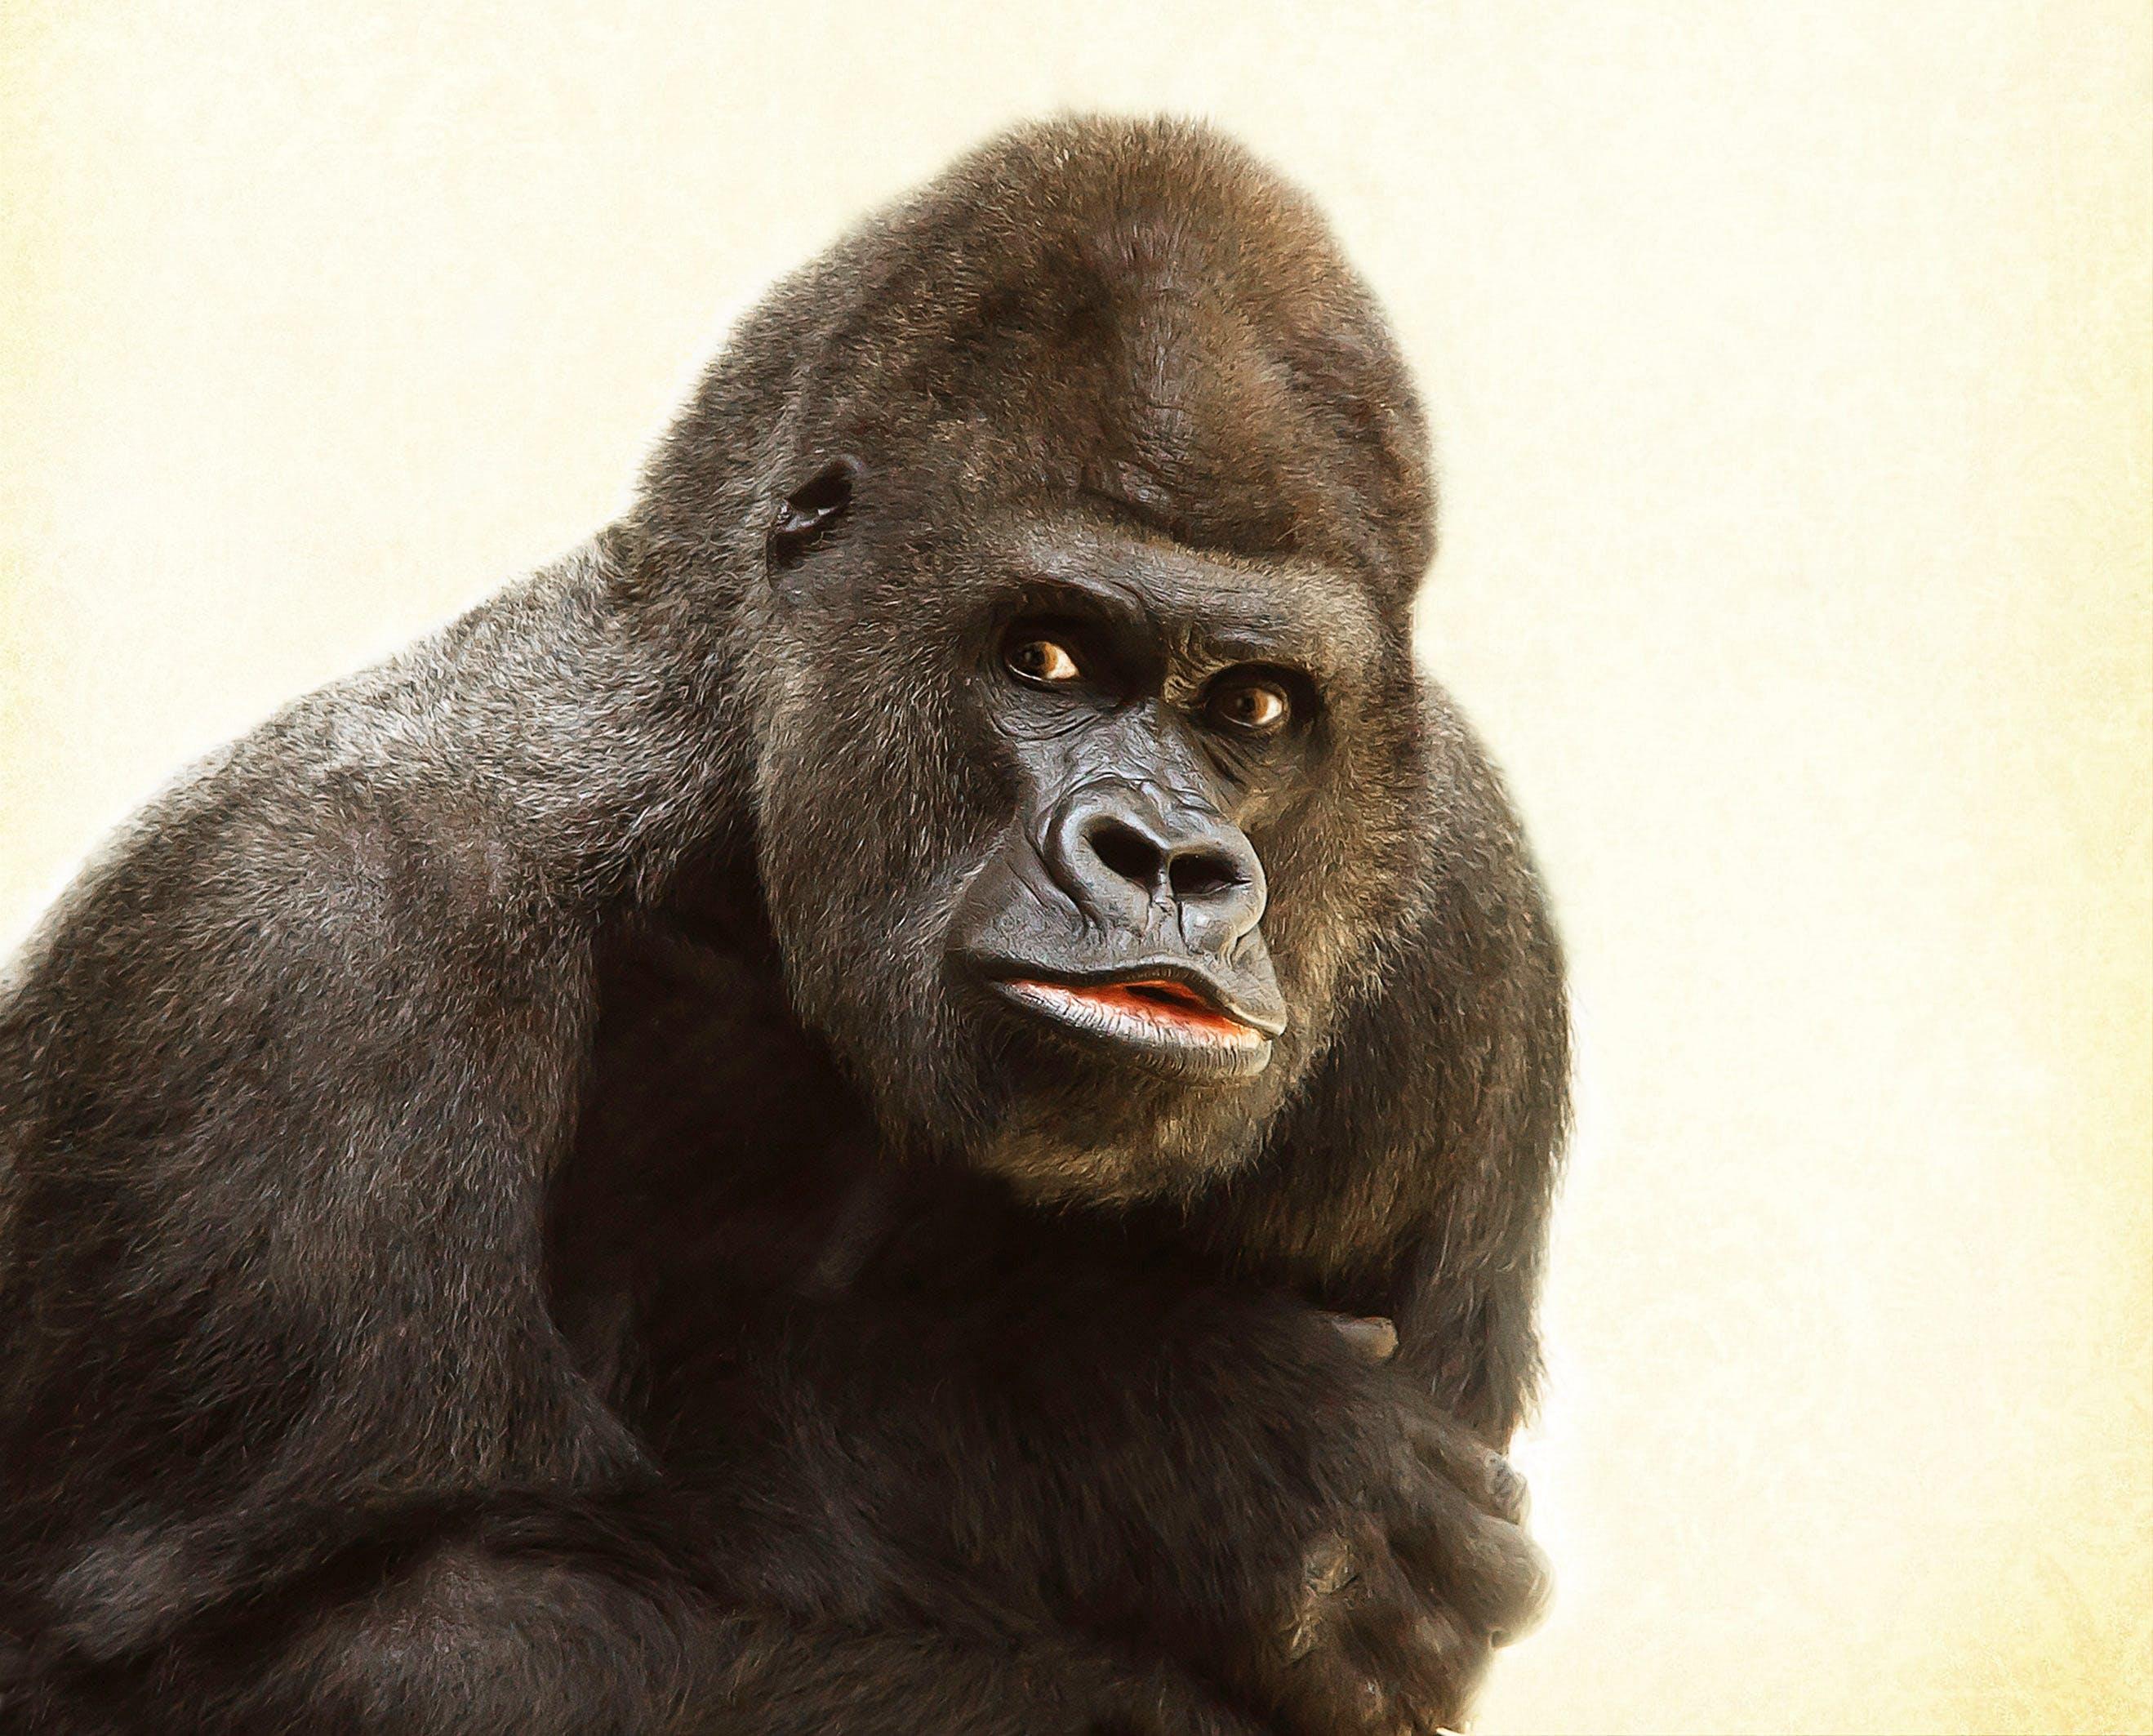 Fotos de stock gratuitas de animal, gorila, gorila espalda plateada, pelo